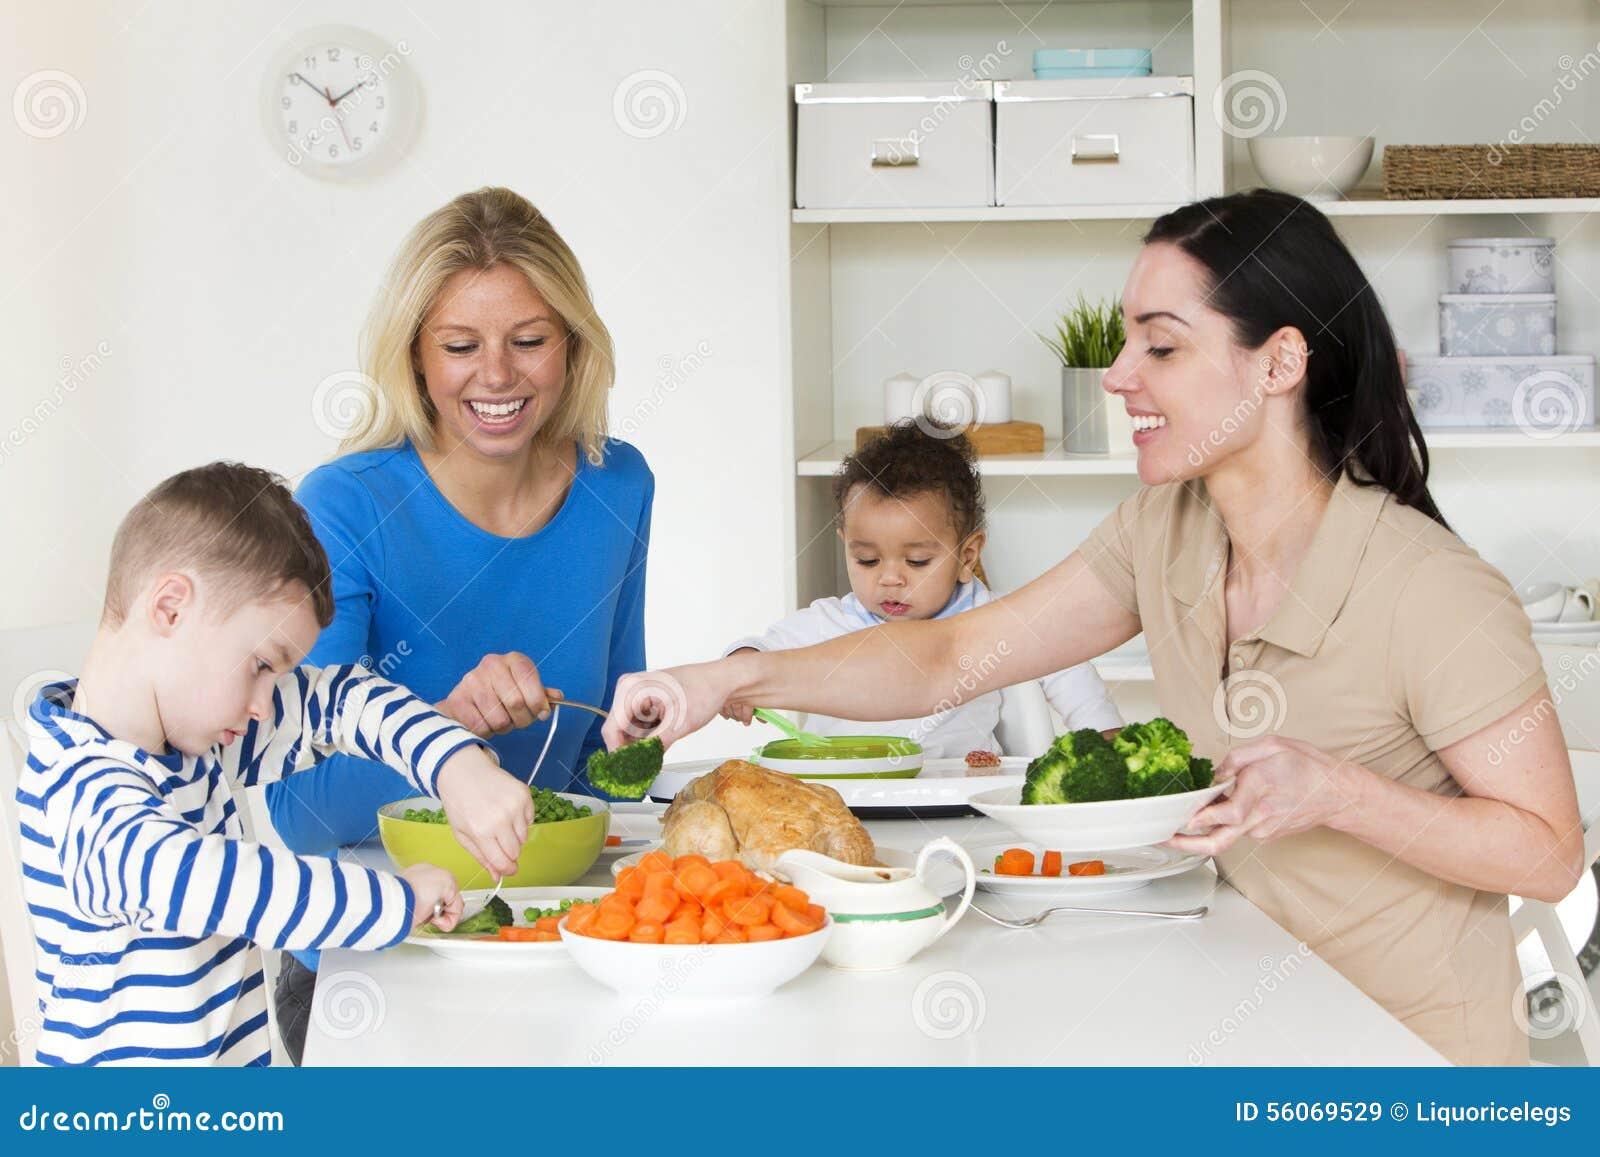 Gleichgeschlechtliche Eltern, die mit Kindern zu Abend essen